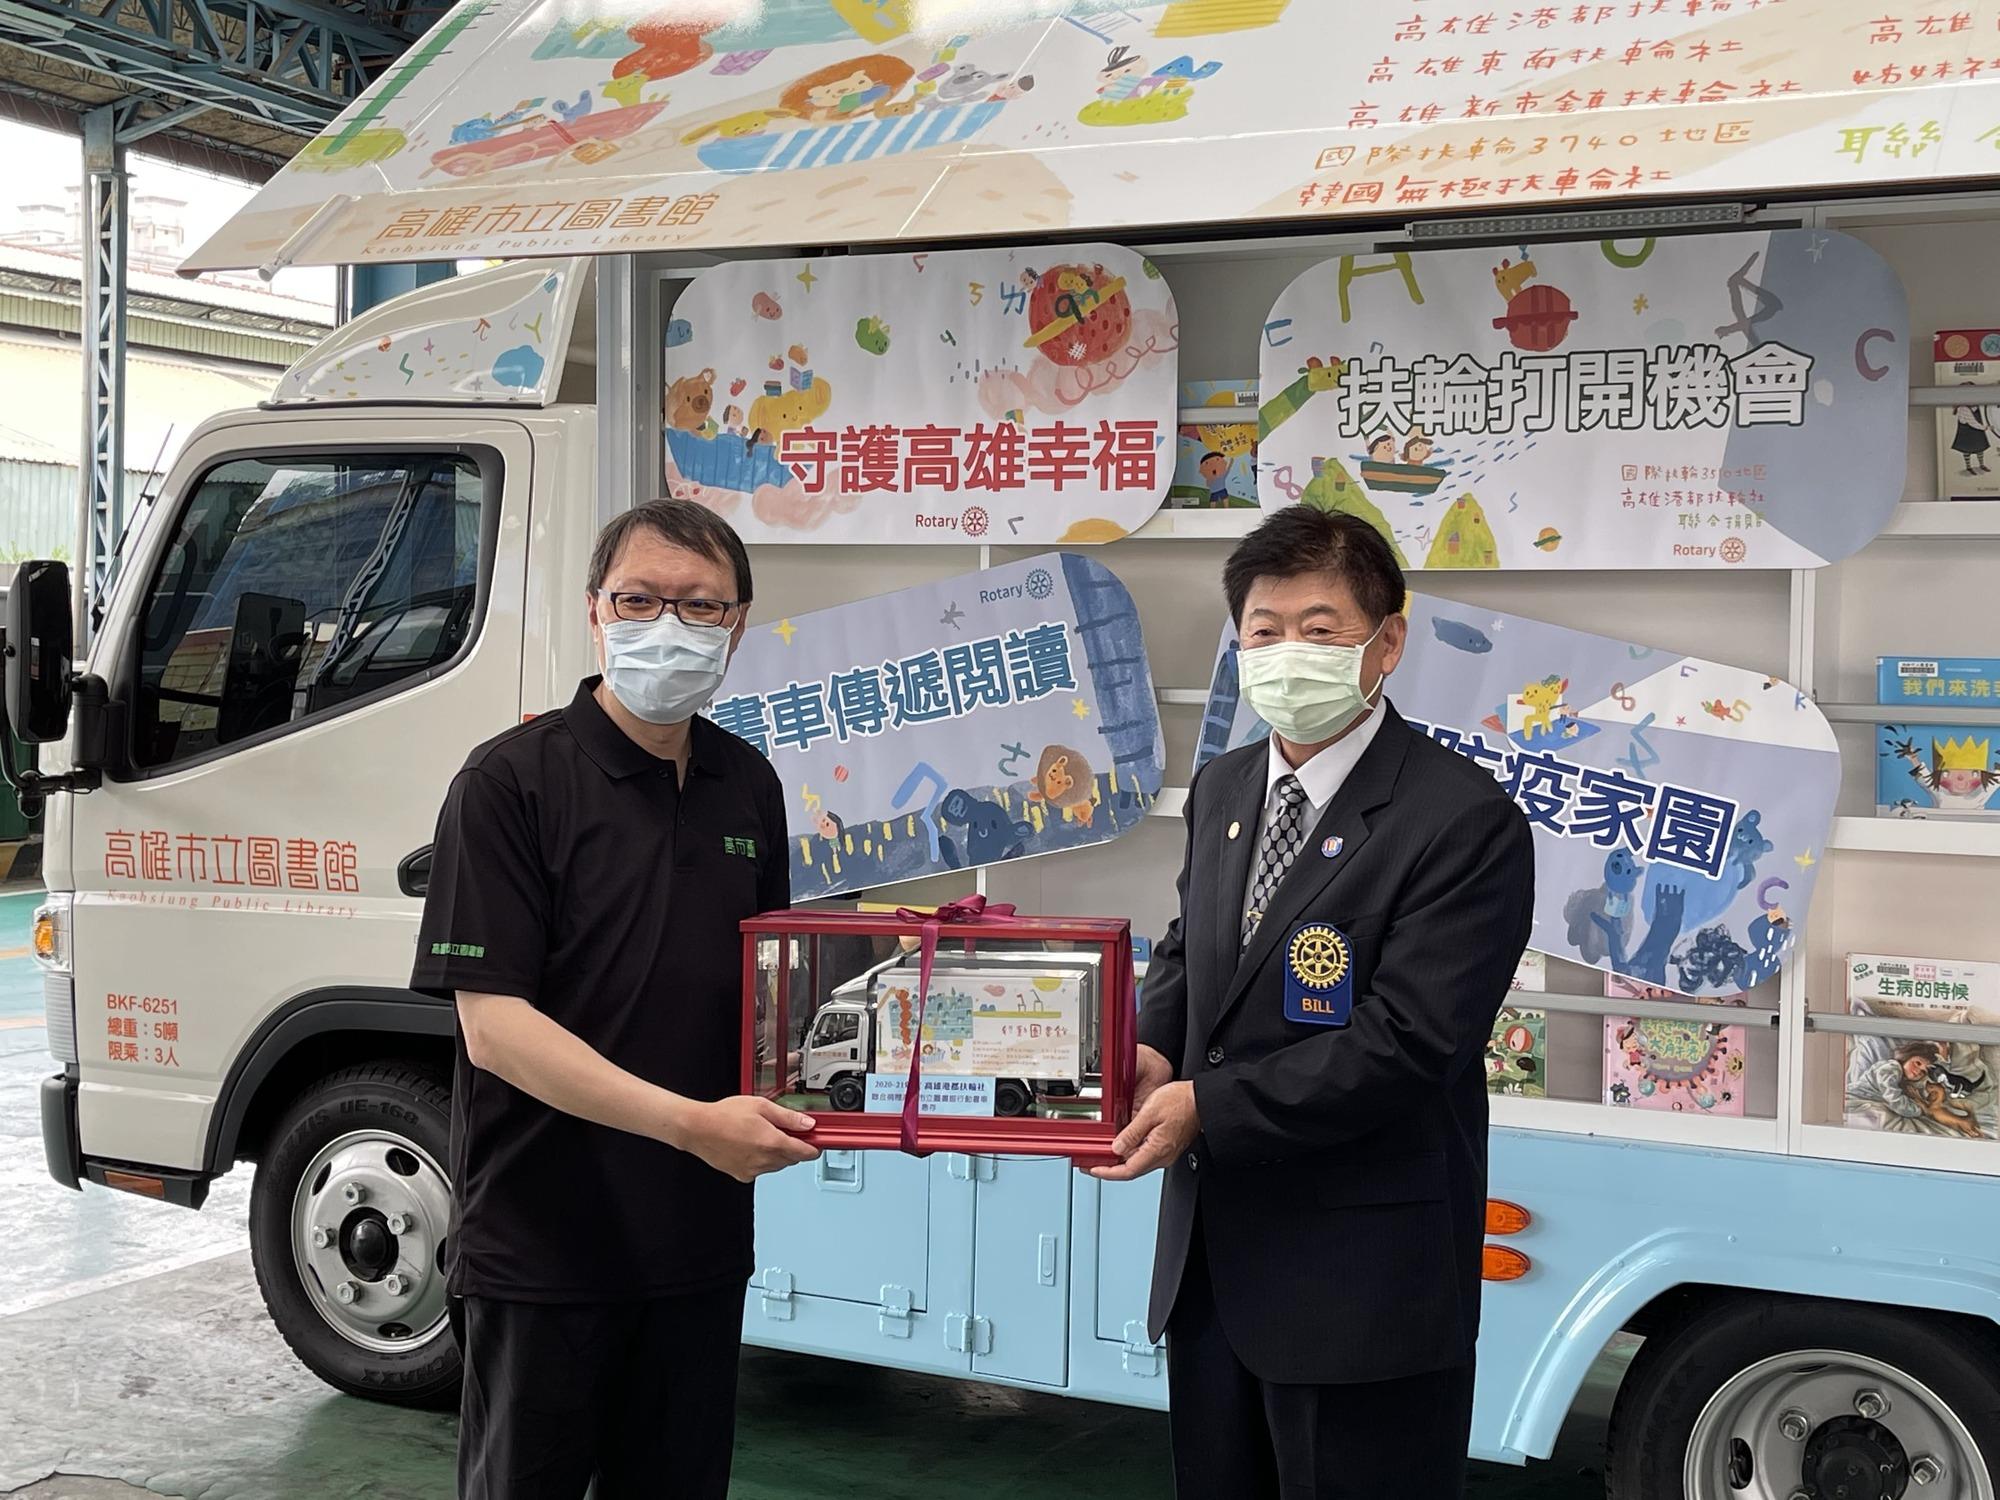 高市圖代理館長林奕成(左)贈行動書車模型予港都扶輪社社長崔斌弘(右)表示謝意